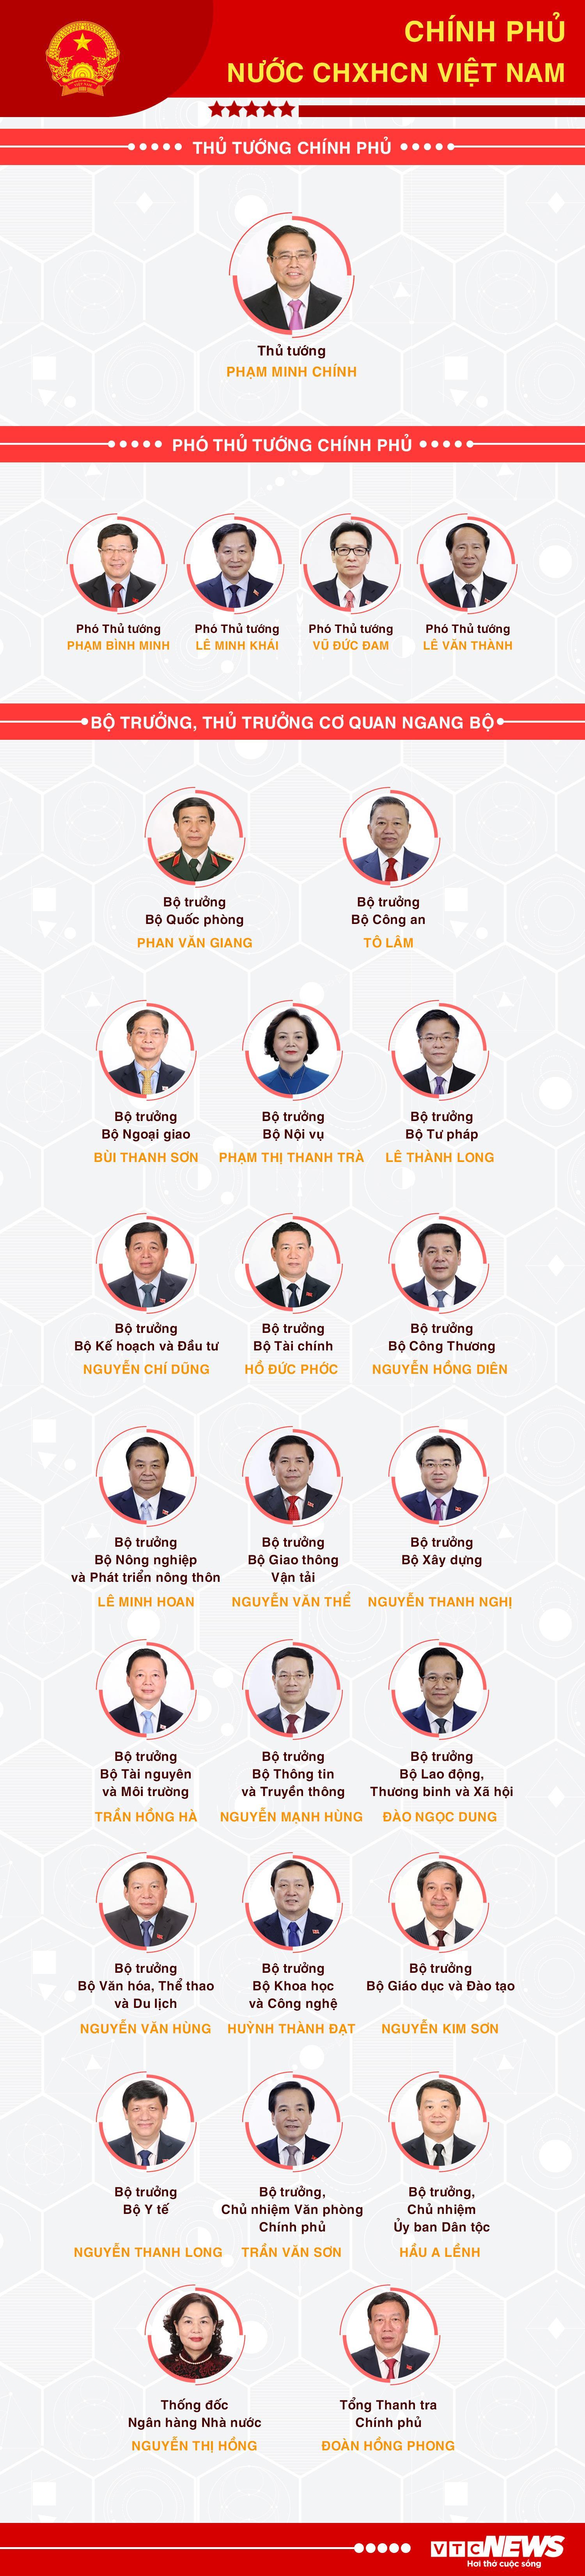 Infographic: Danh sách 27 thành viên Chính phủ nhiệm kỳ 2021-2026 - 1